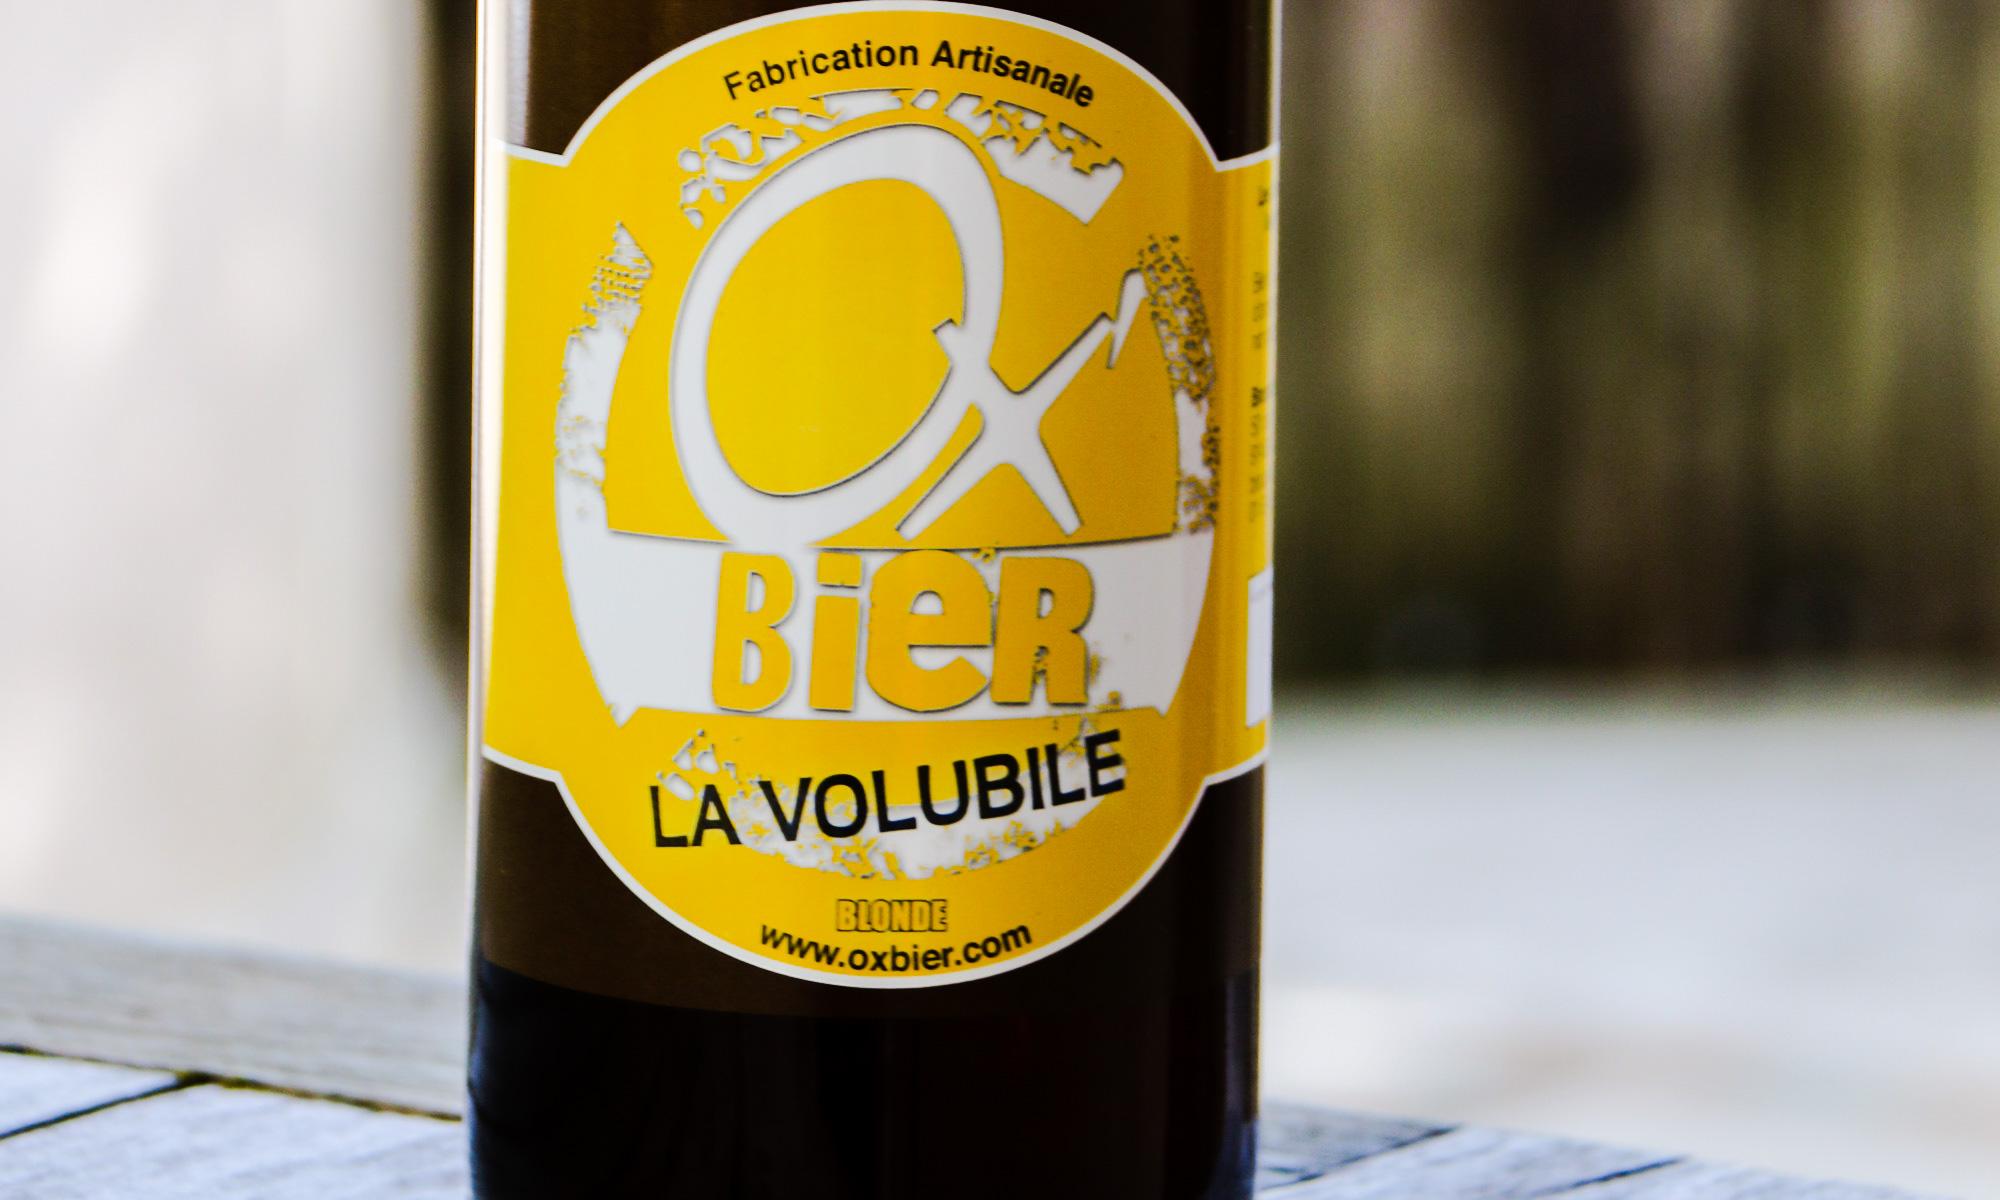 Ox'Bier La Volubile